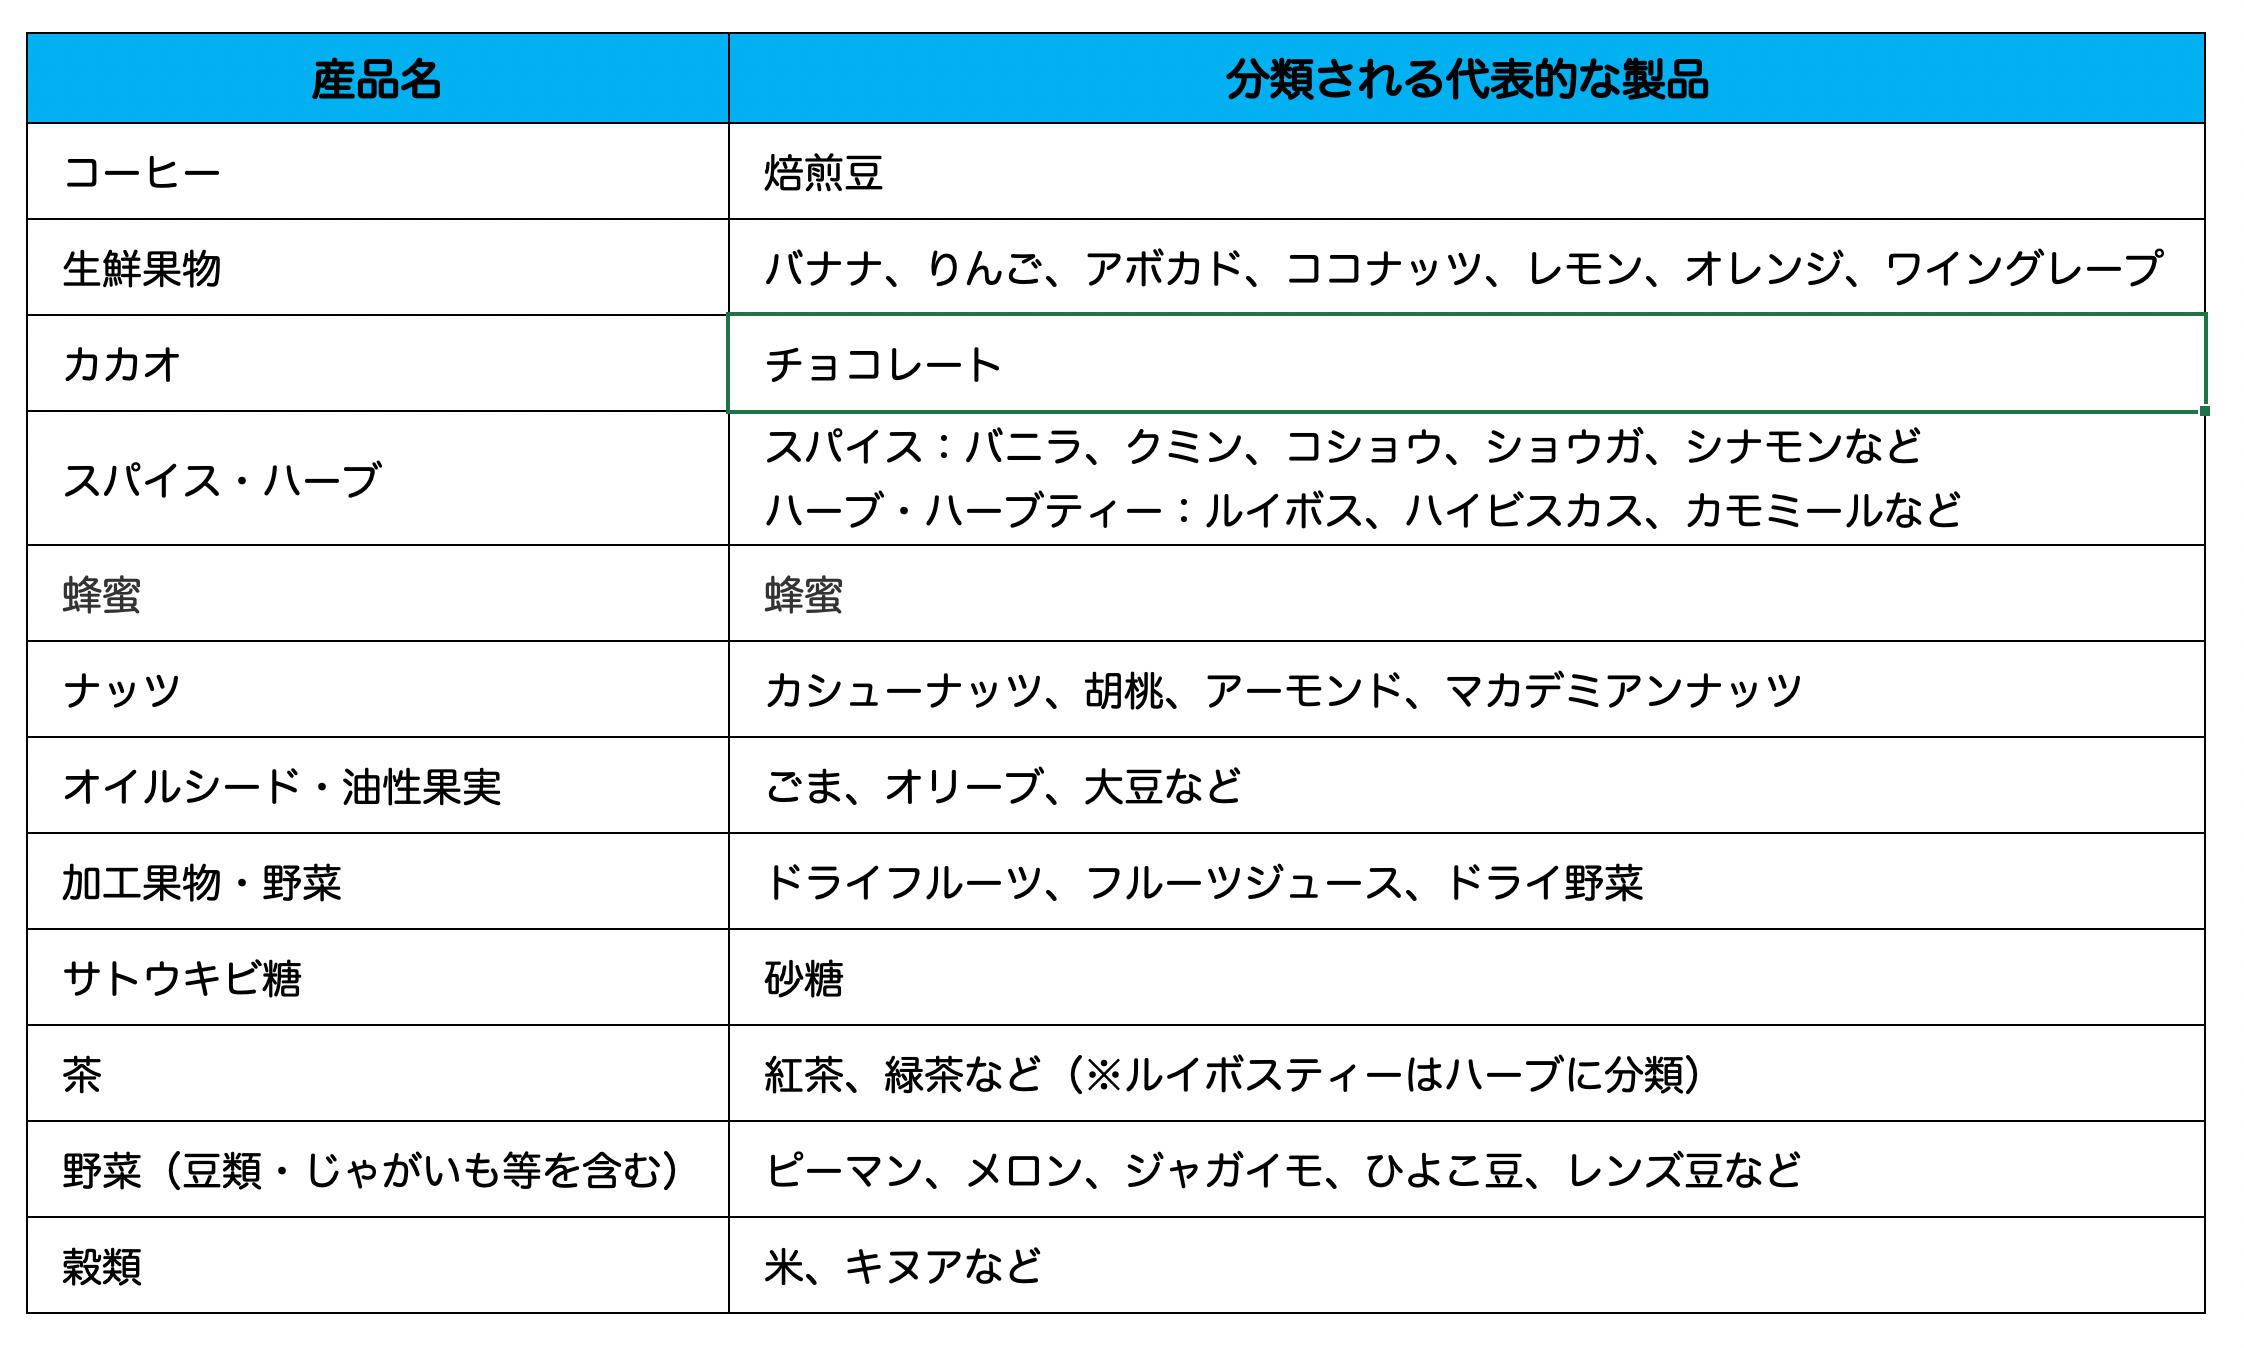 国際フェアトレード認証対象産品_01 (1)